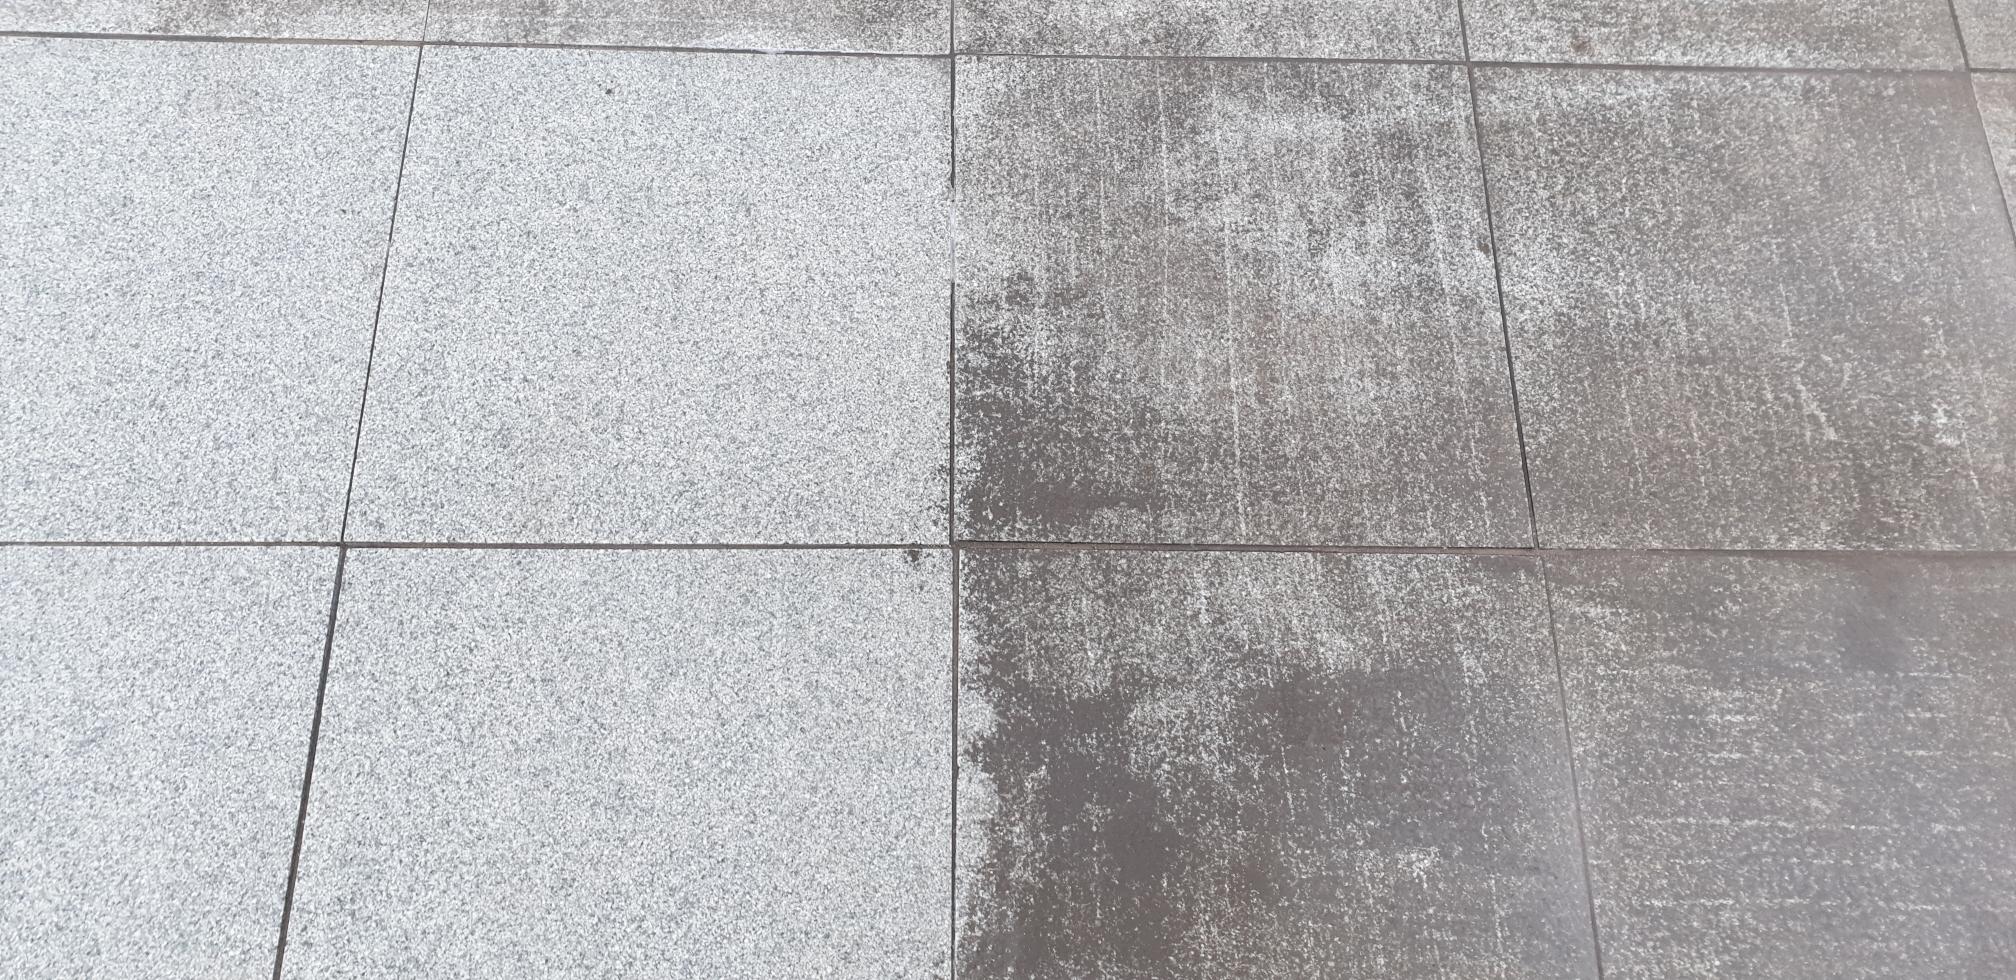 Очистка гранитного камня от цементного раствора